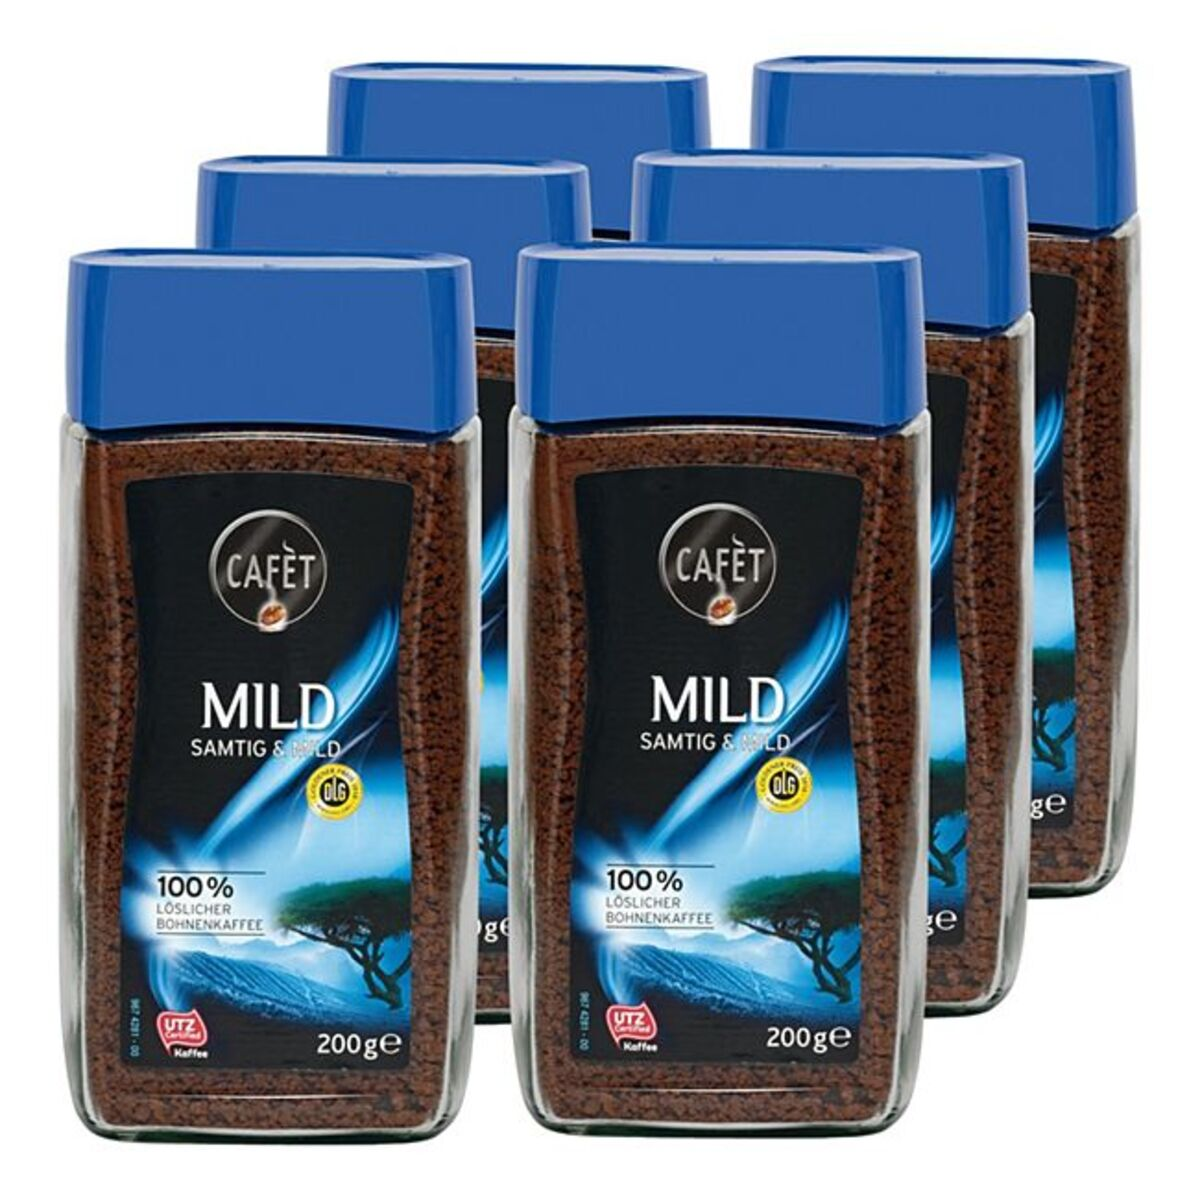 Bild 1 von Cafet Instantkaffee Mild 200 g, 6er Pack